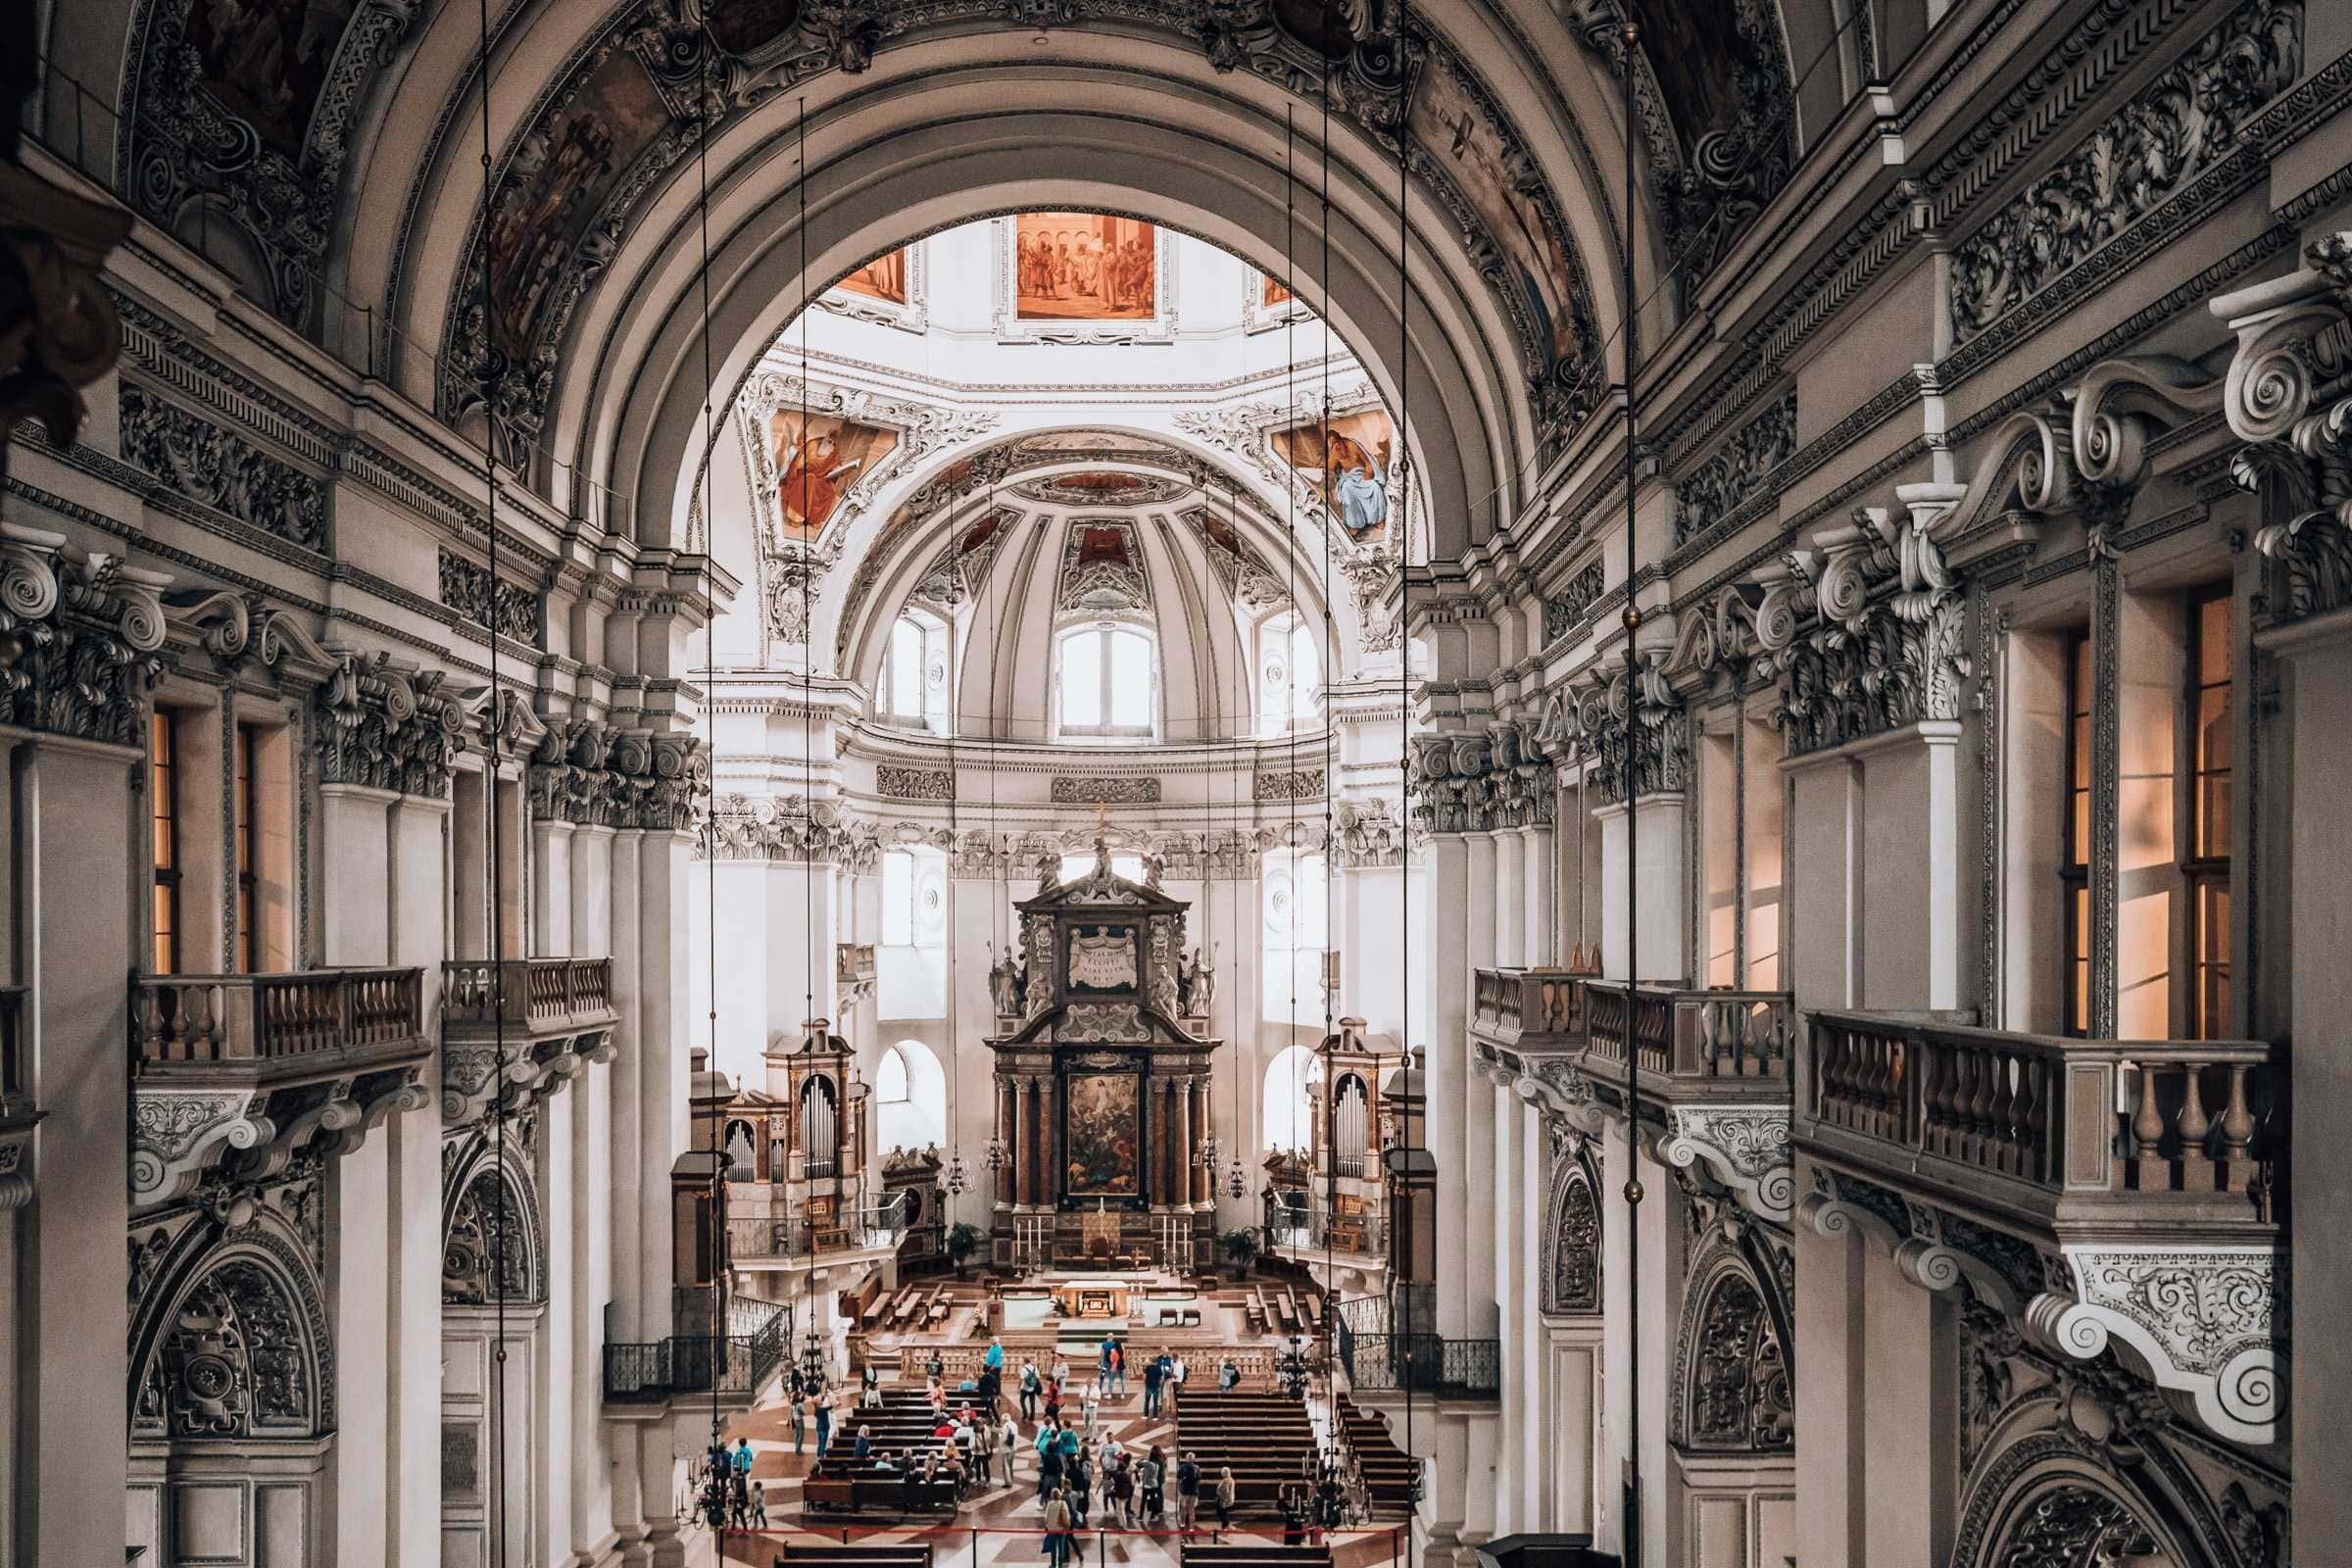 Dom zu Salzburg Innenansicht